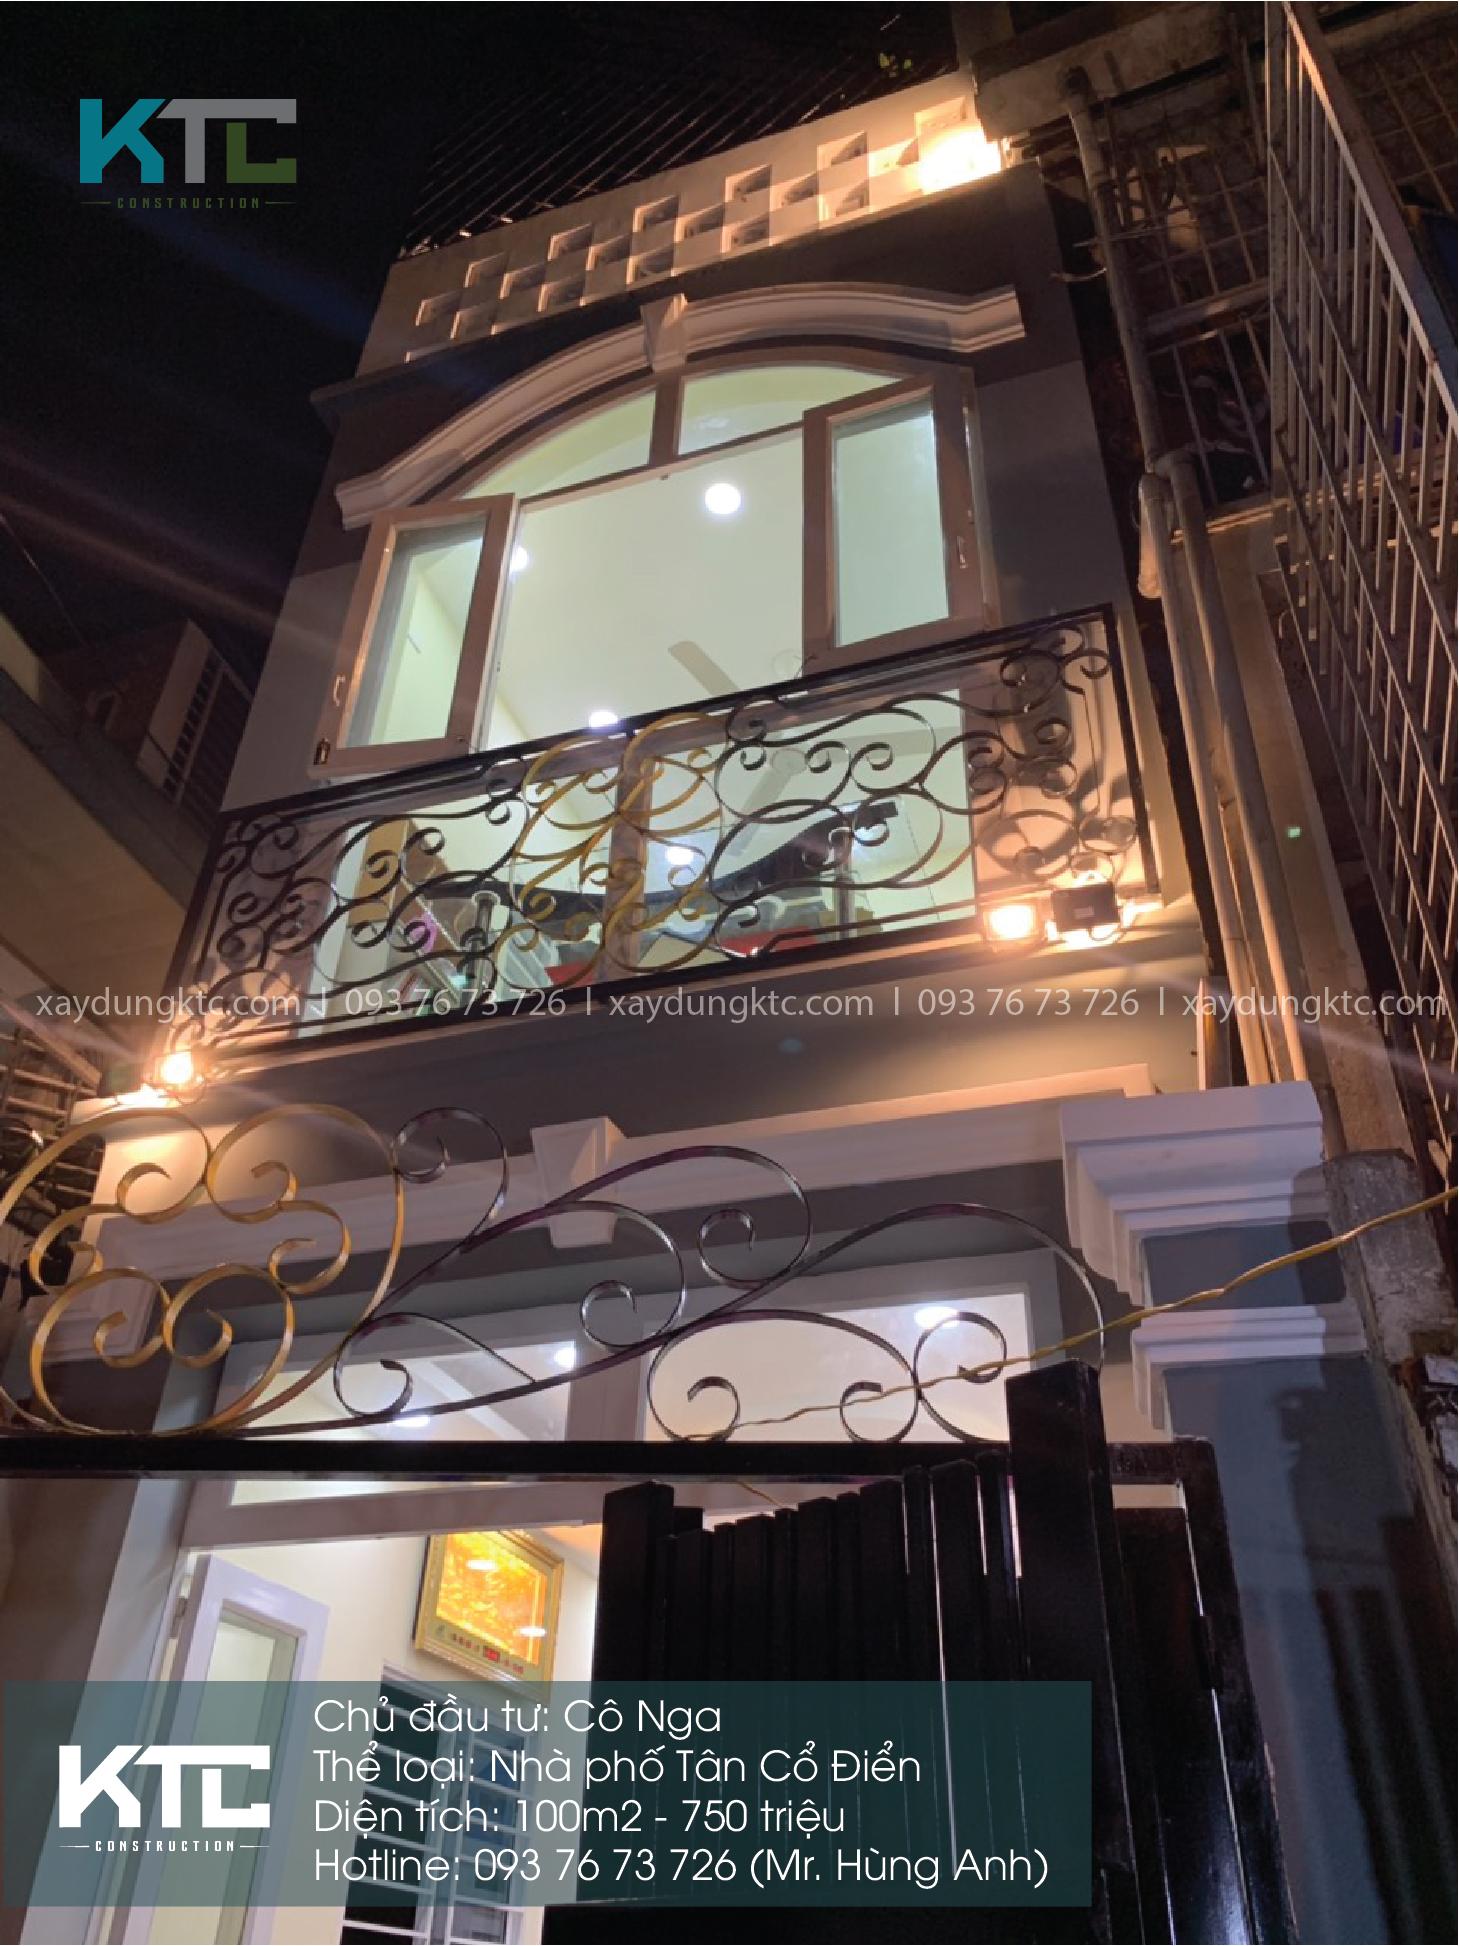 Mẫu nhà 2 tầng 2 mặt tiền của cô Nga nổi bật về đêm khi lên đèn